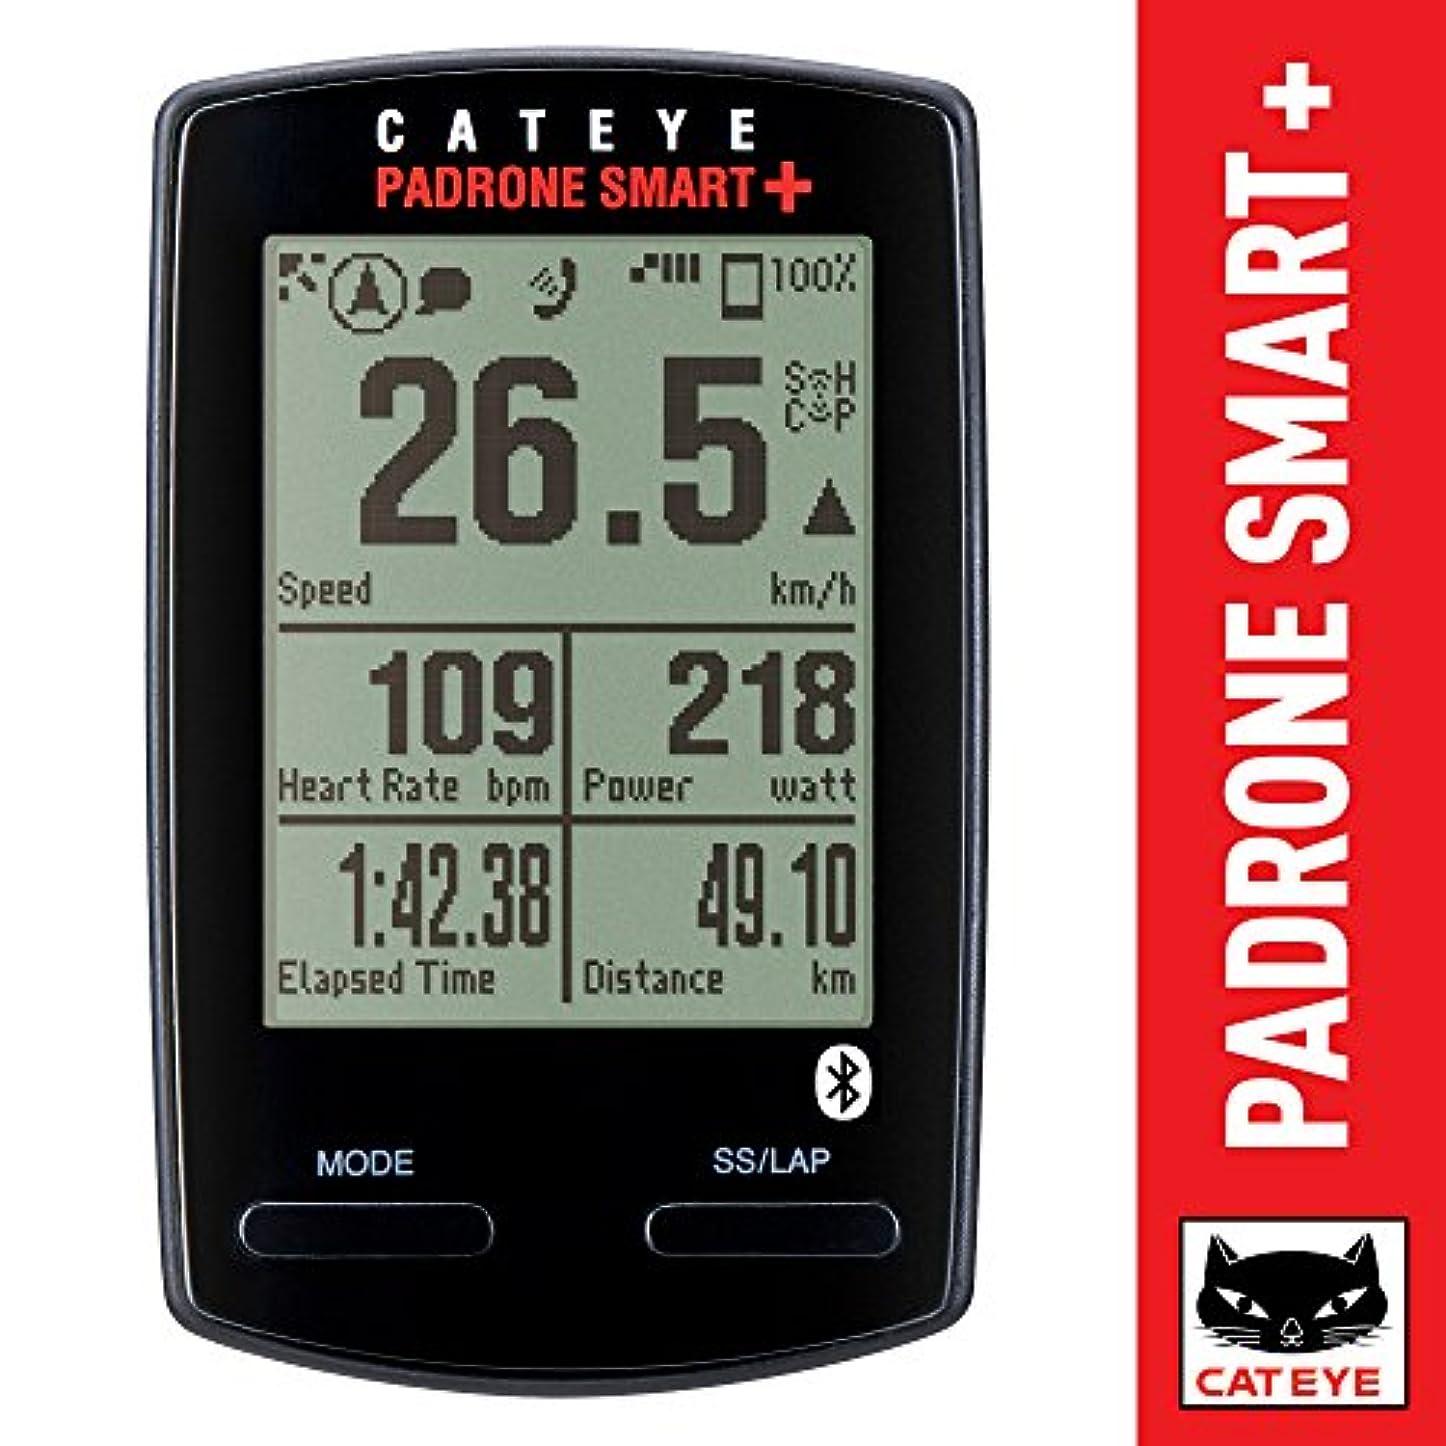 欠員落ち着いた取得CATEYE Padrone Smart + Cycling Computer Black One Size by Cat Eye